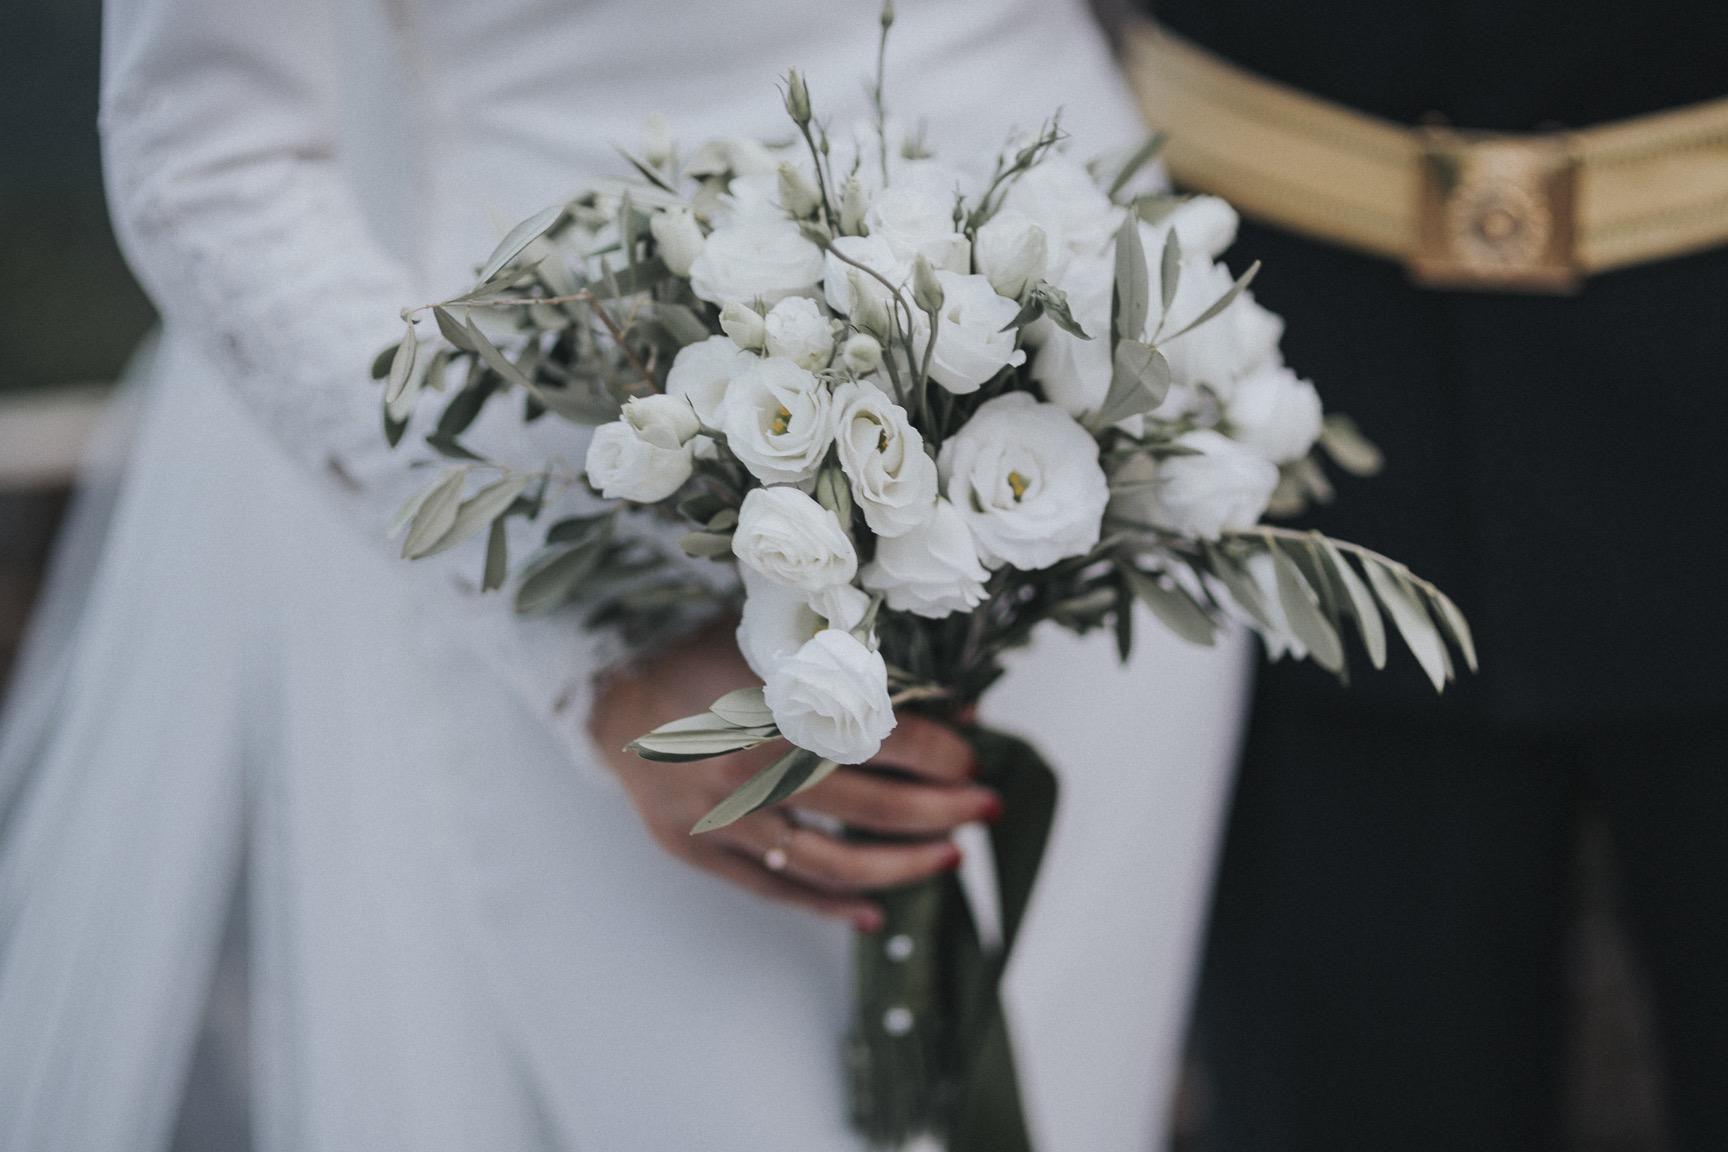 Si-Quiero-Wedding-Planner-By-Sira-Antequera-Bodas-Málaga-Marbella-Miami- Toñi-Jarillo-4